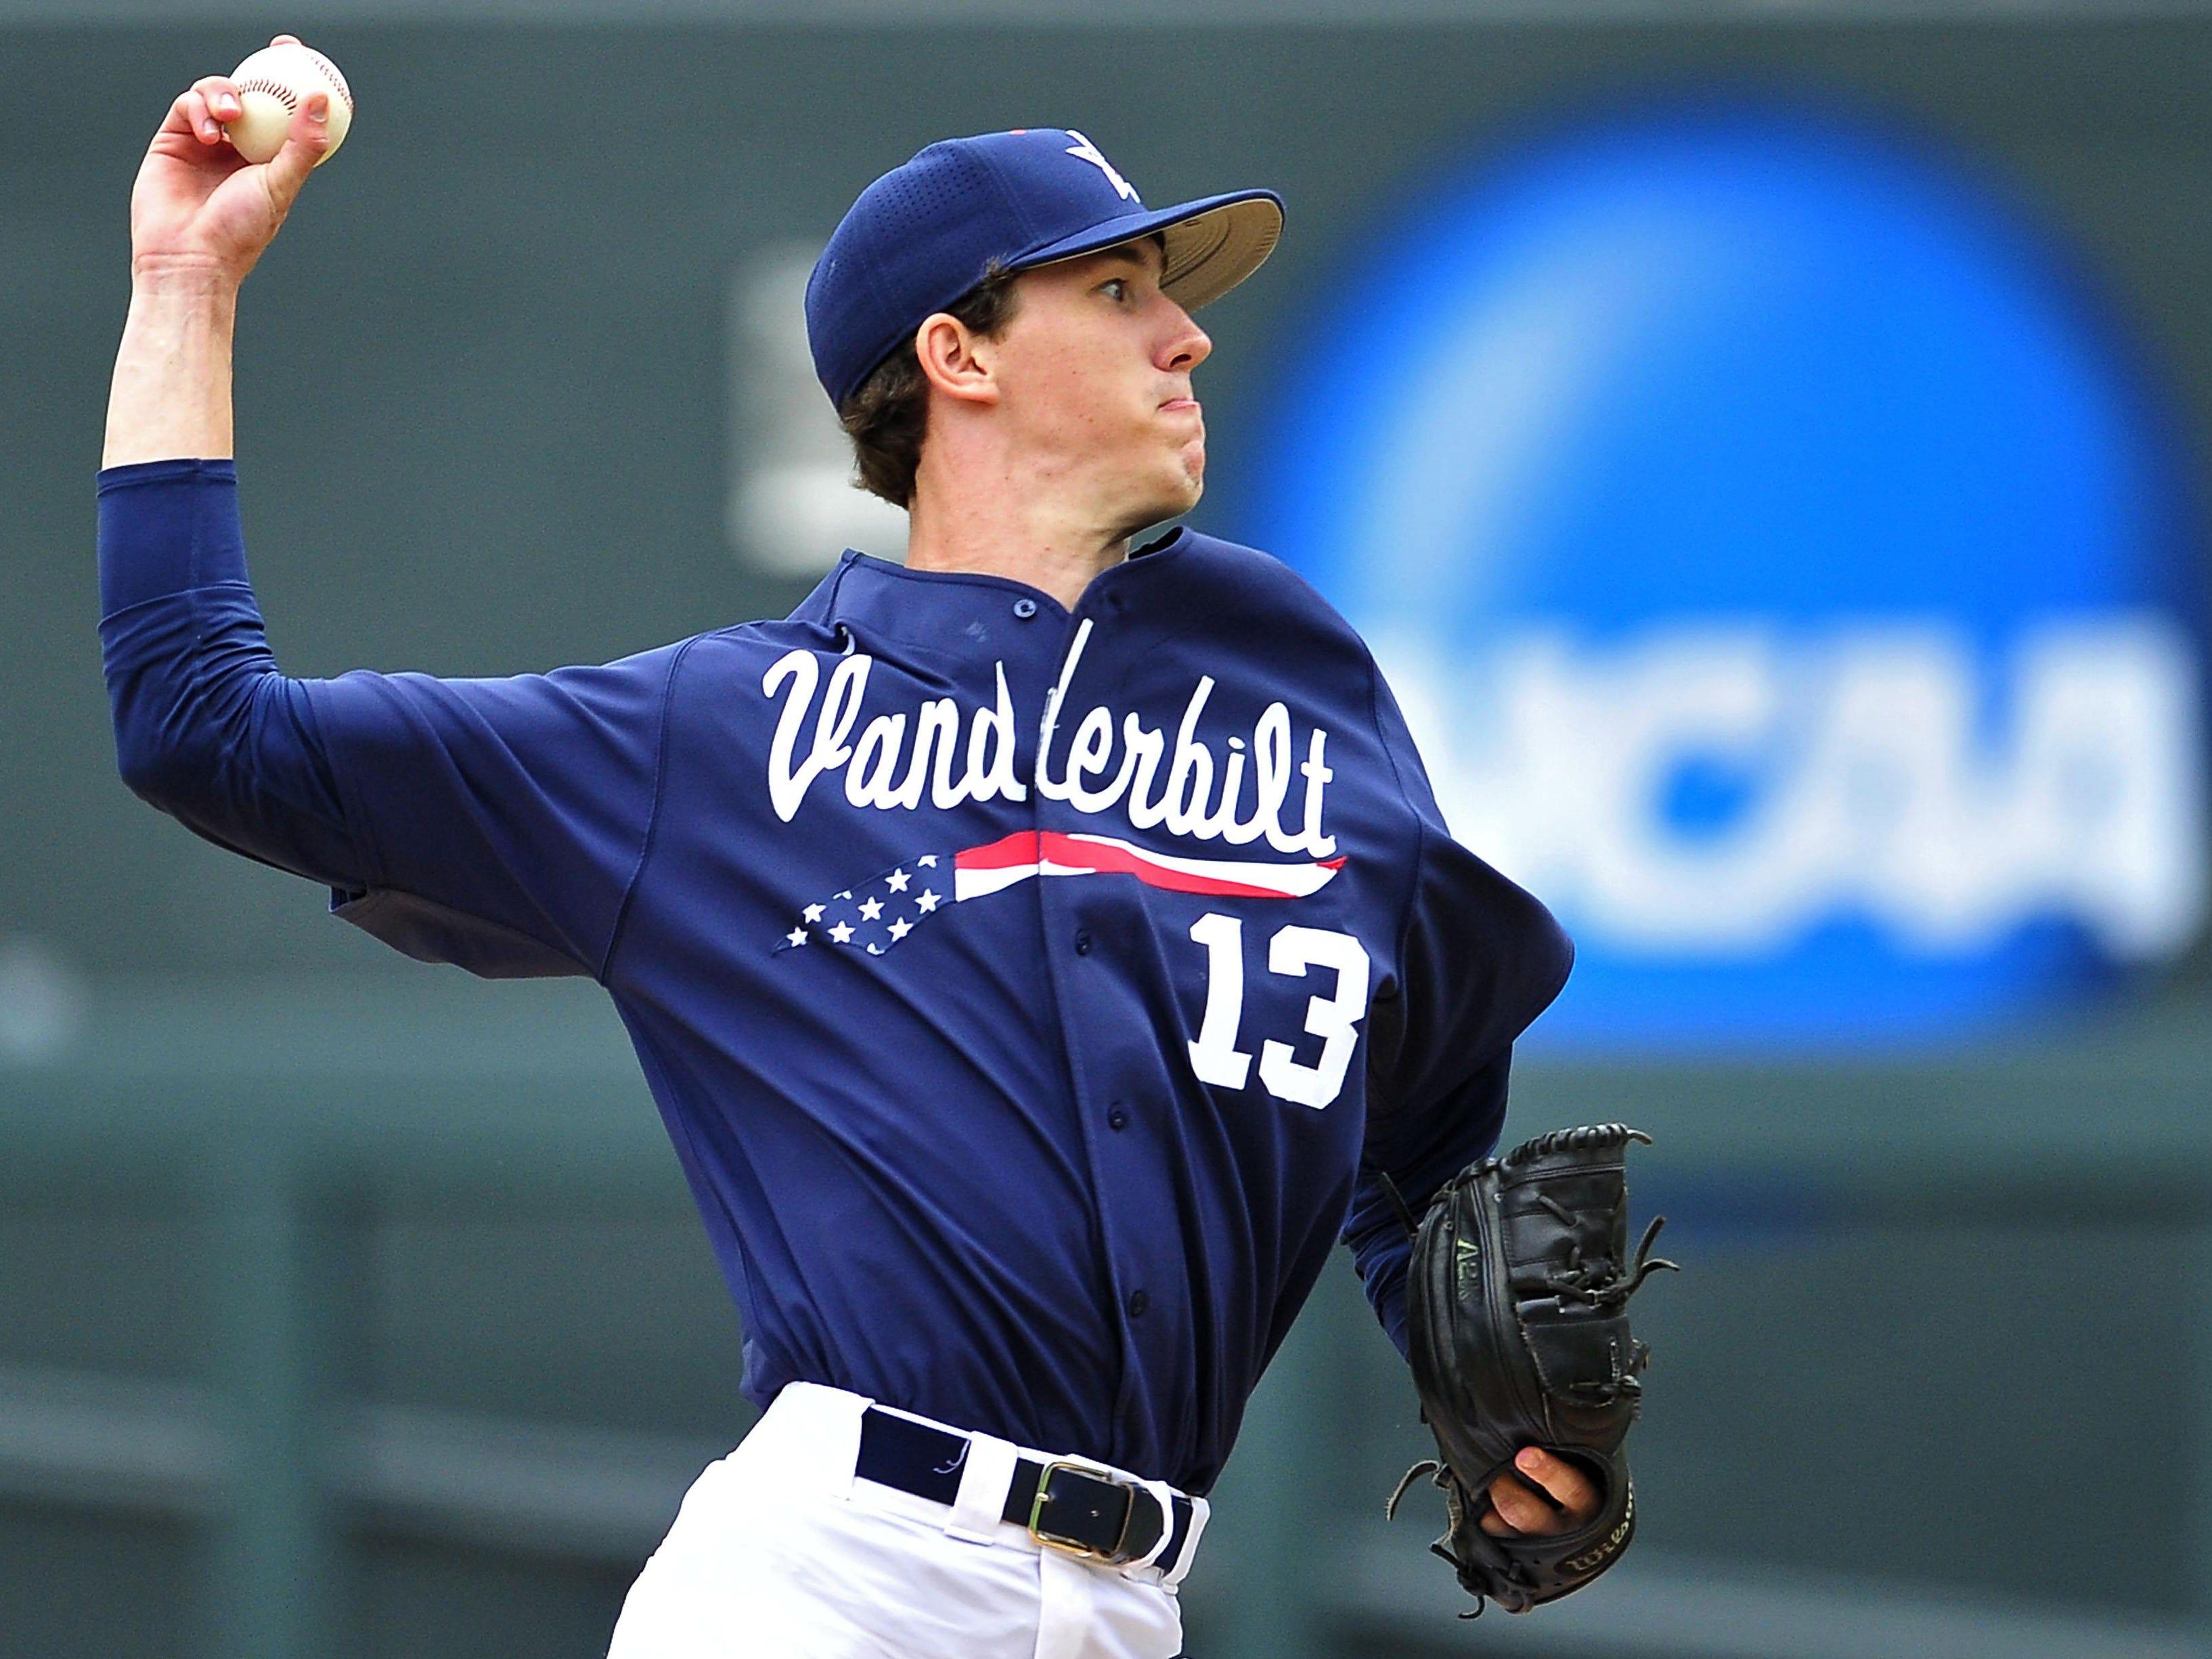 Vanderbilt pitcher Walker Buehler delivers a pitch against Radford last  week. 1dce8394392